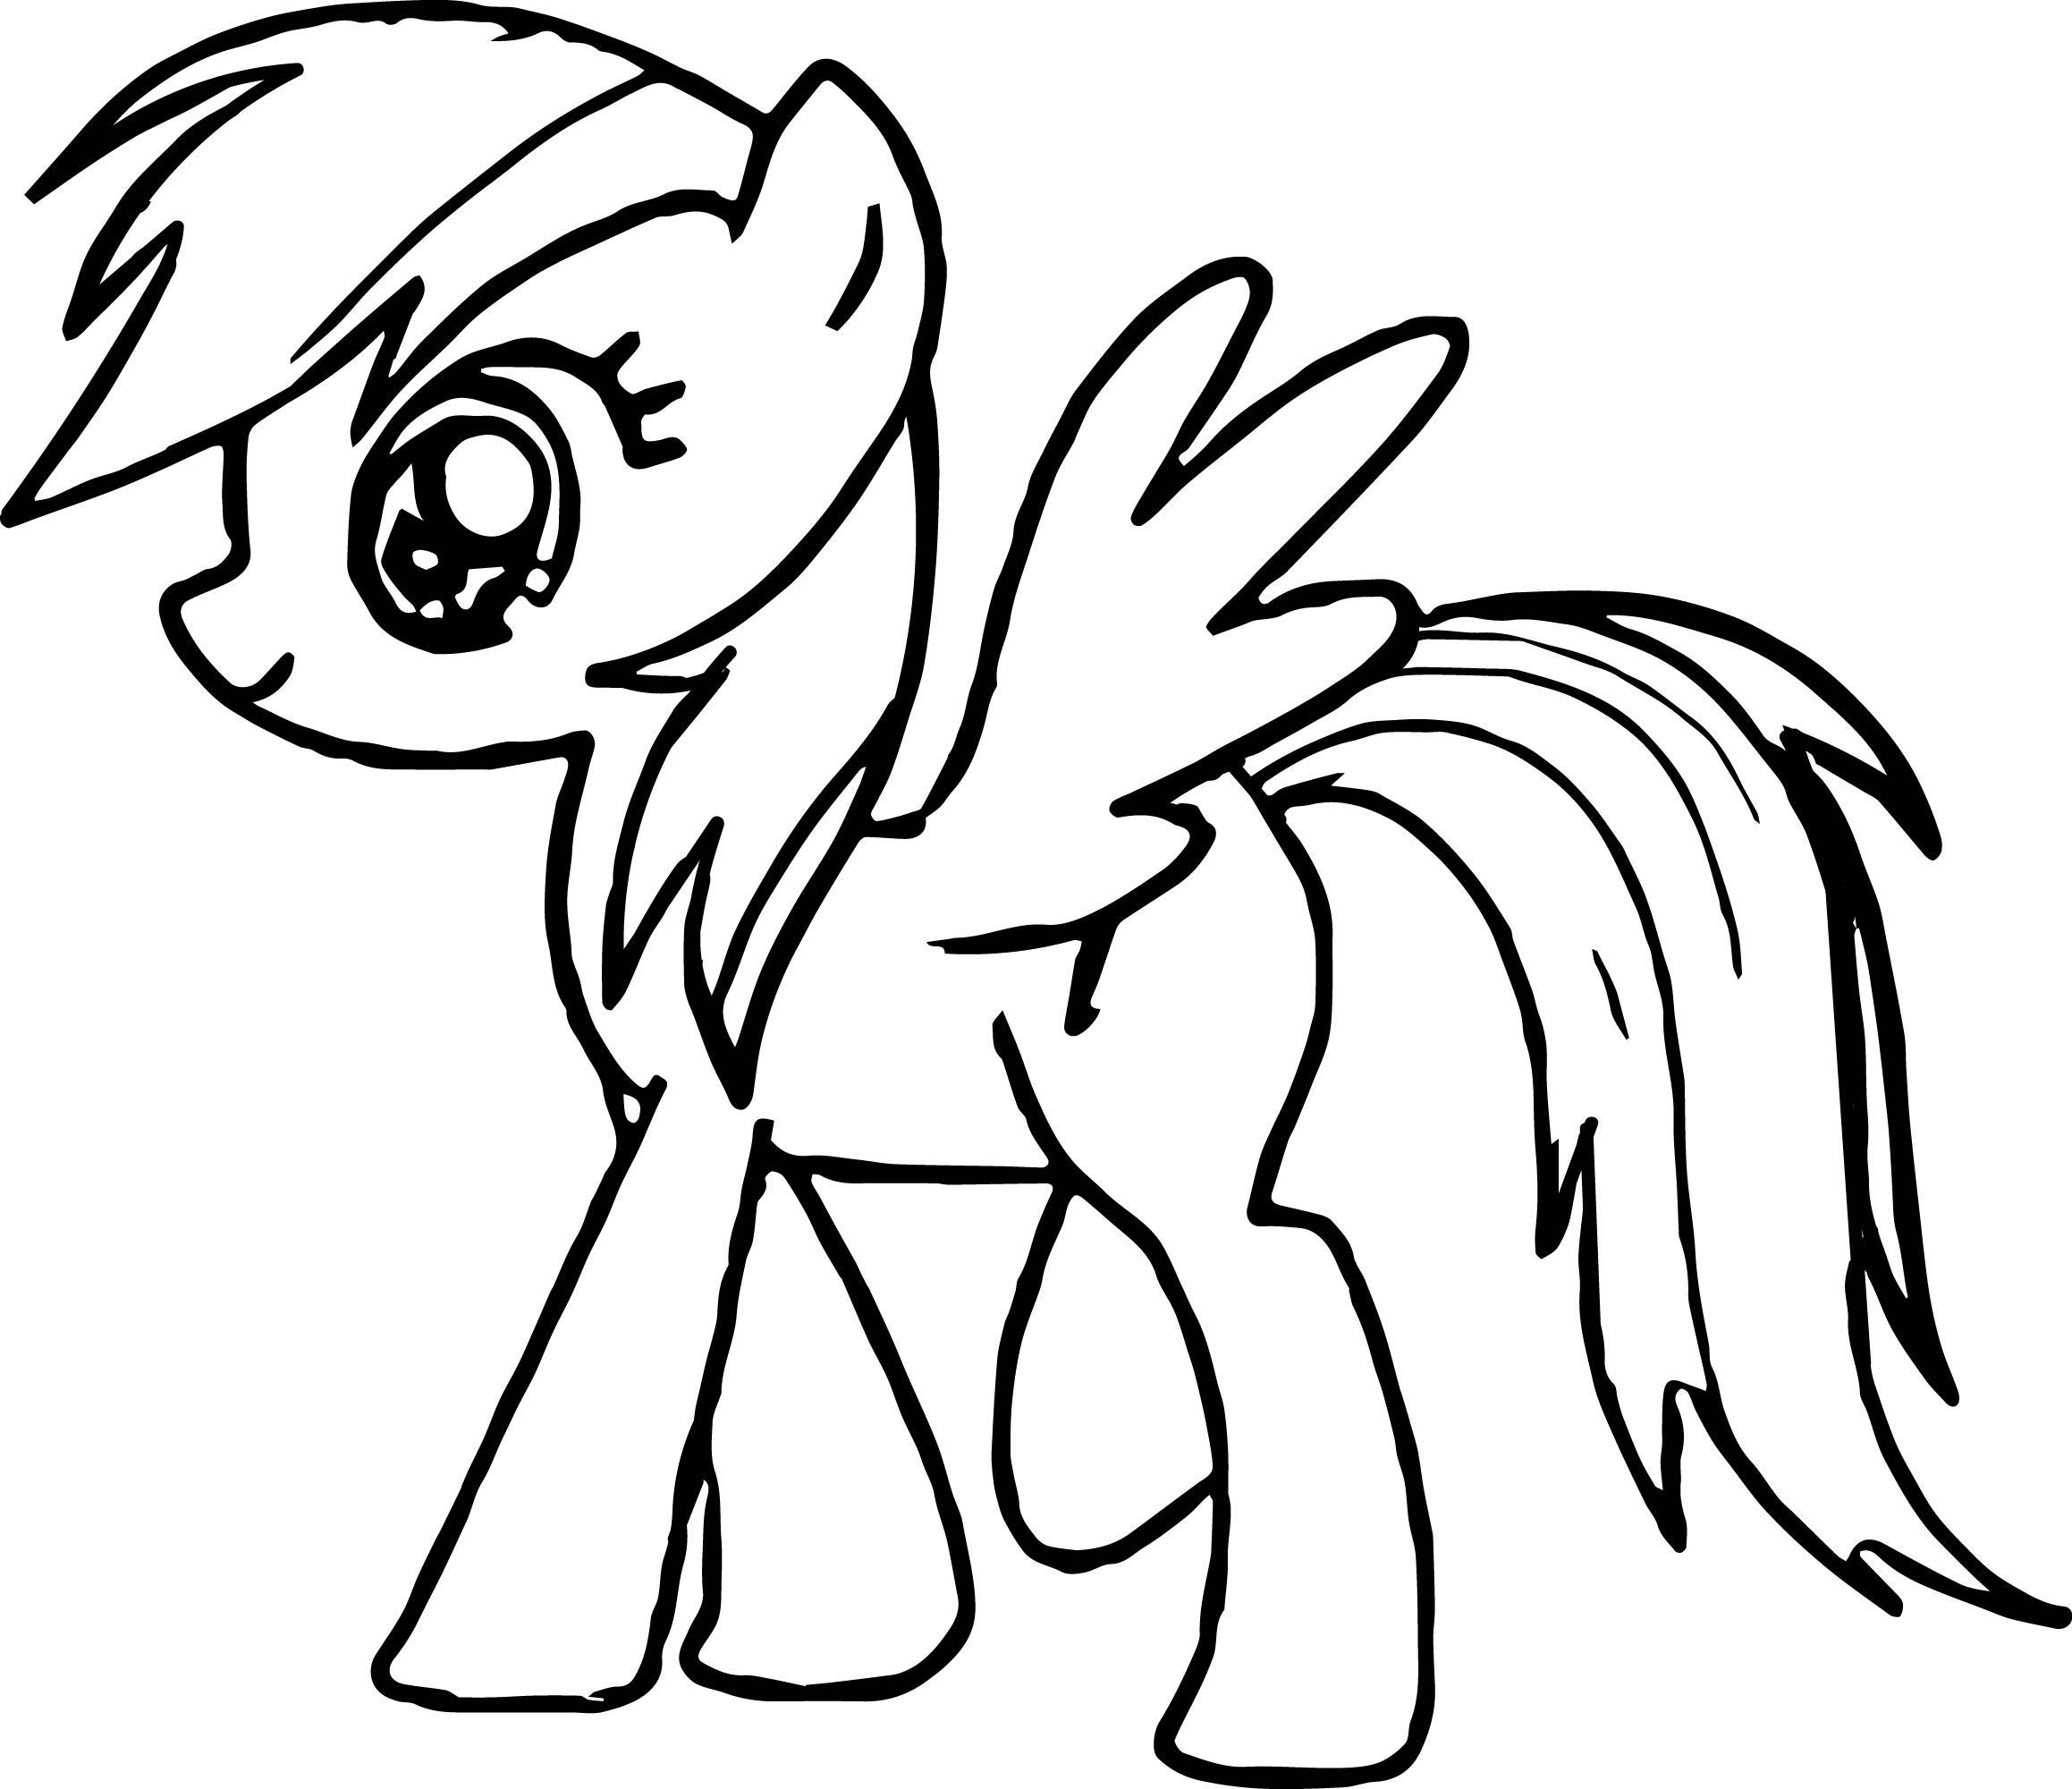 Gambar My Little Pony Manusia Untuk Mewarnai Kumpulan Gambar Menarik